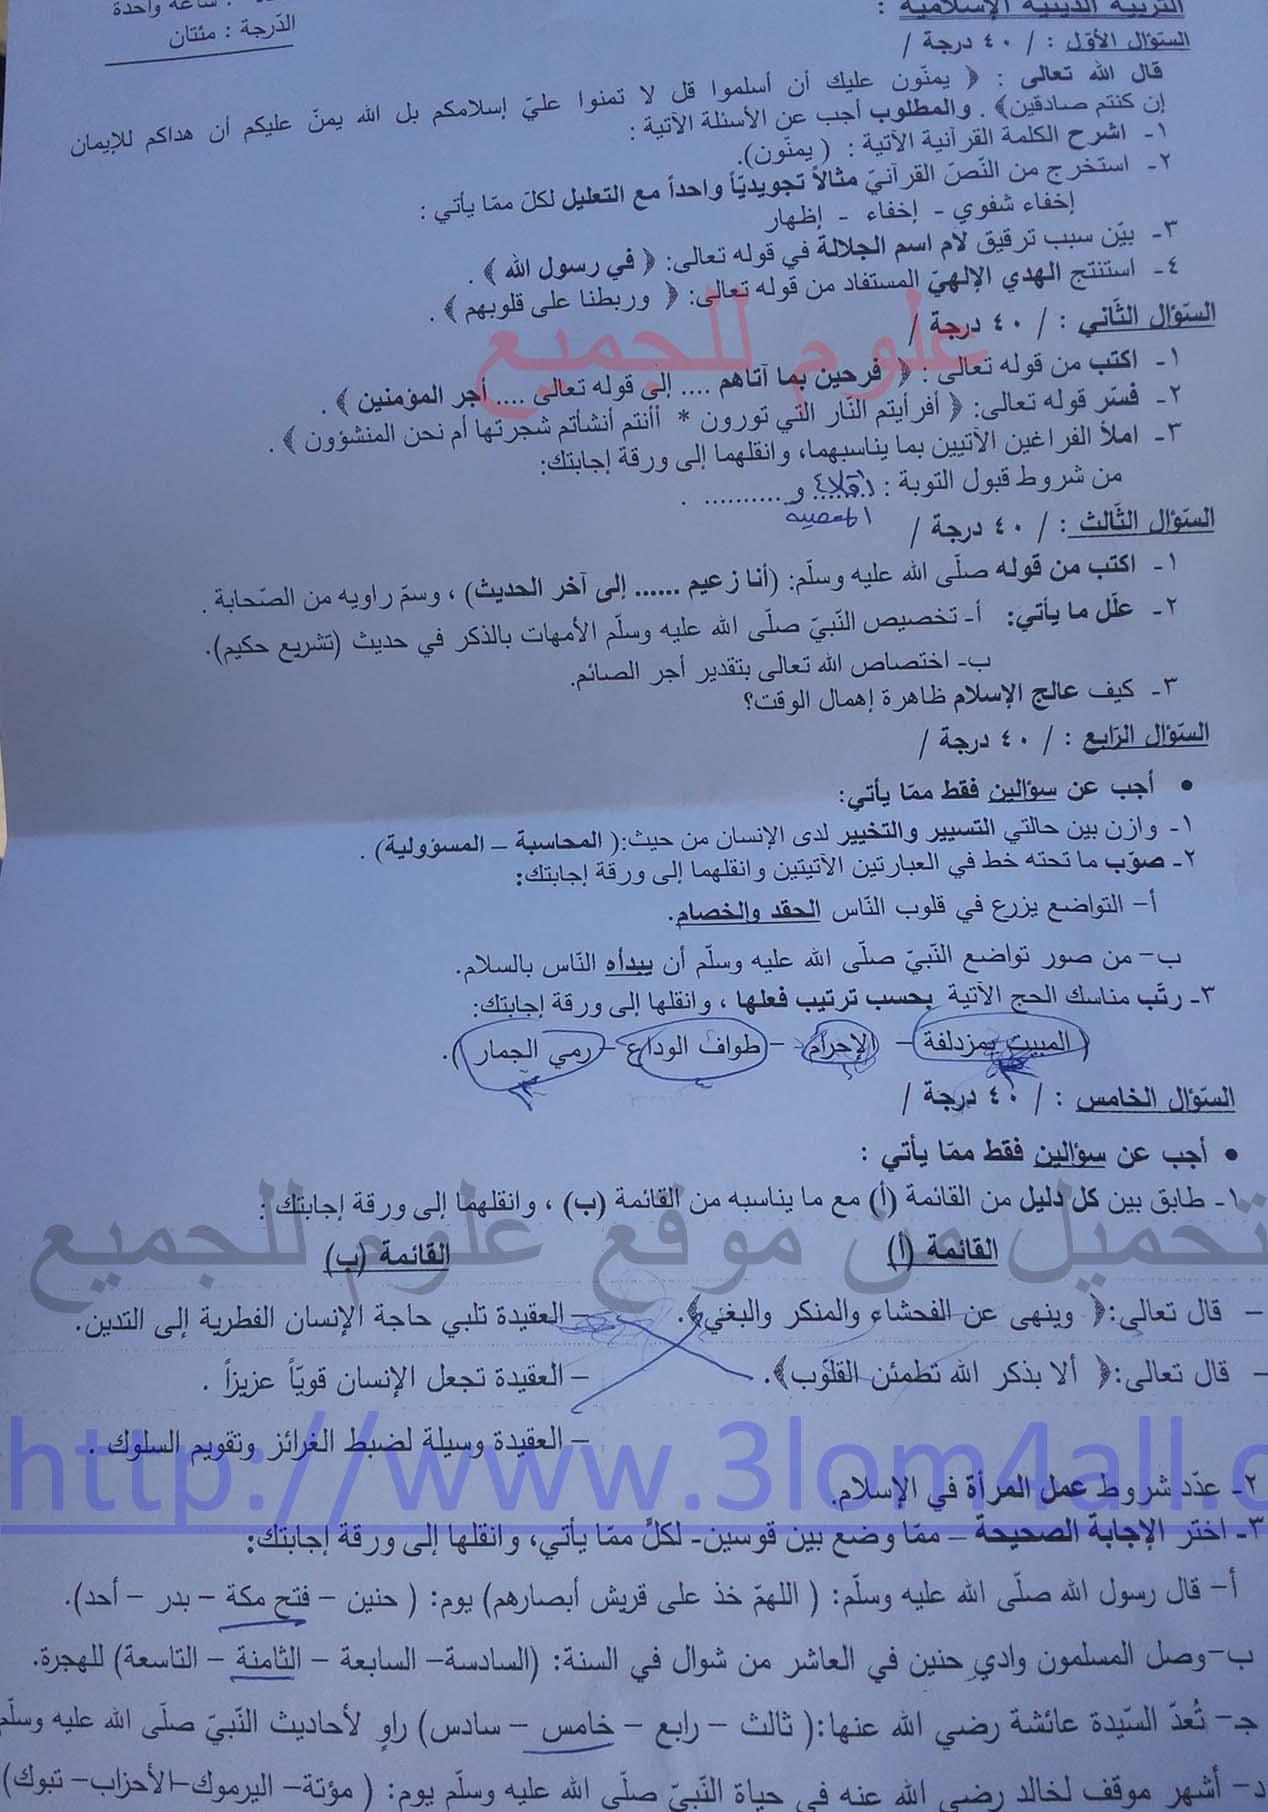 نموذج امتحان مادة التربية الاسلامية التاسع  2013 المنهاج السوري 1462438545621.jpeg